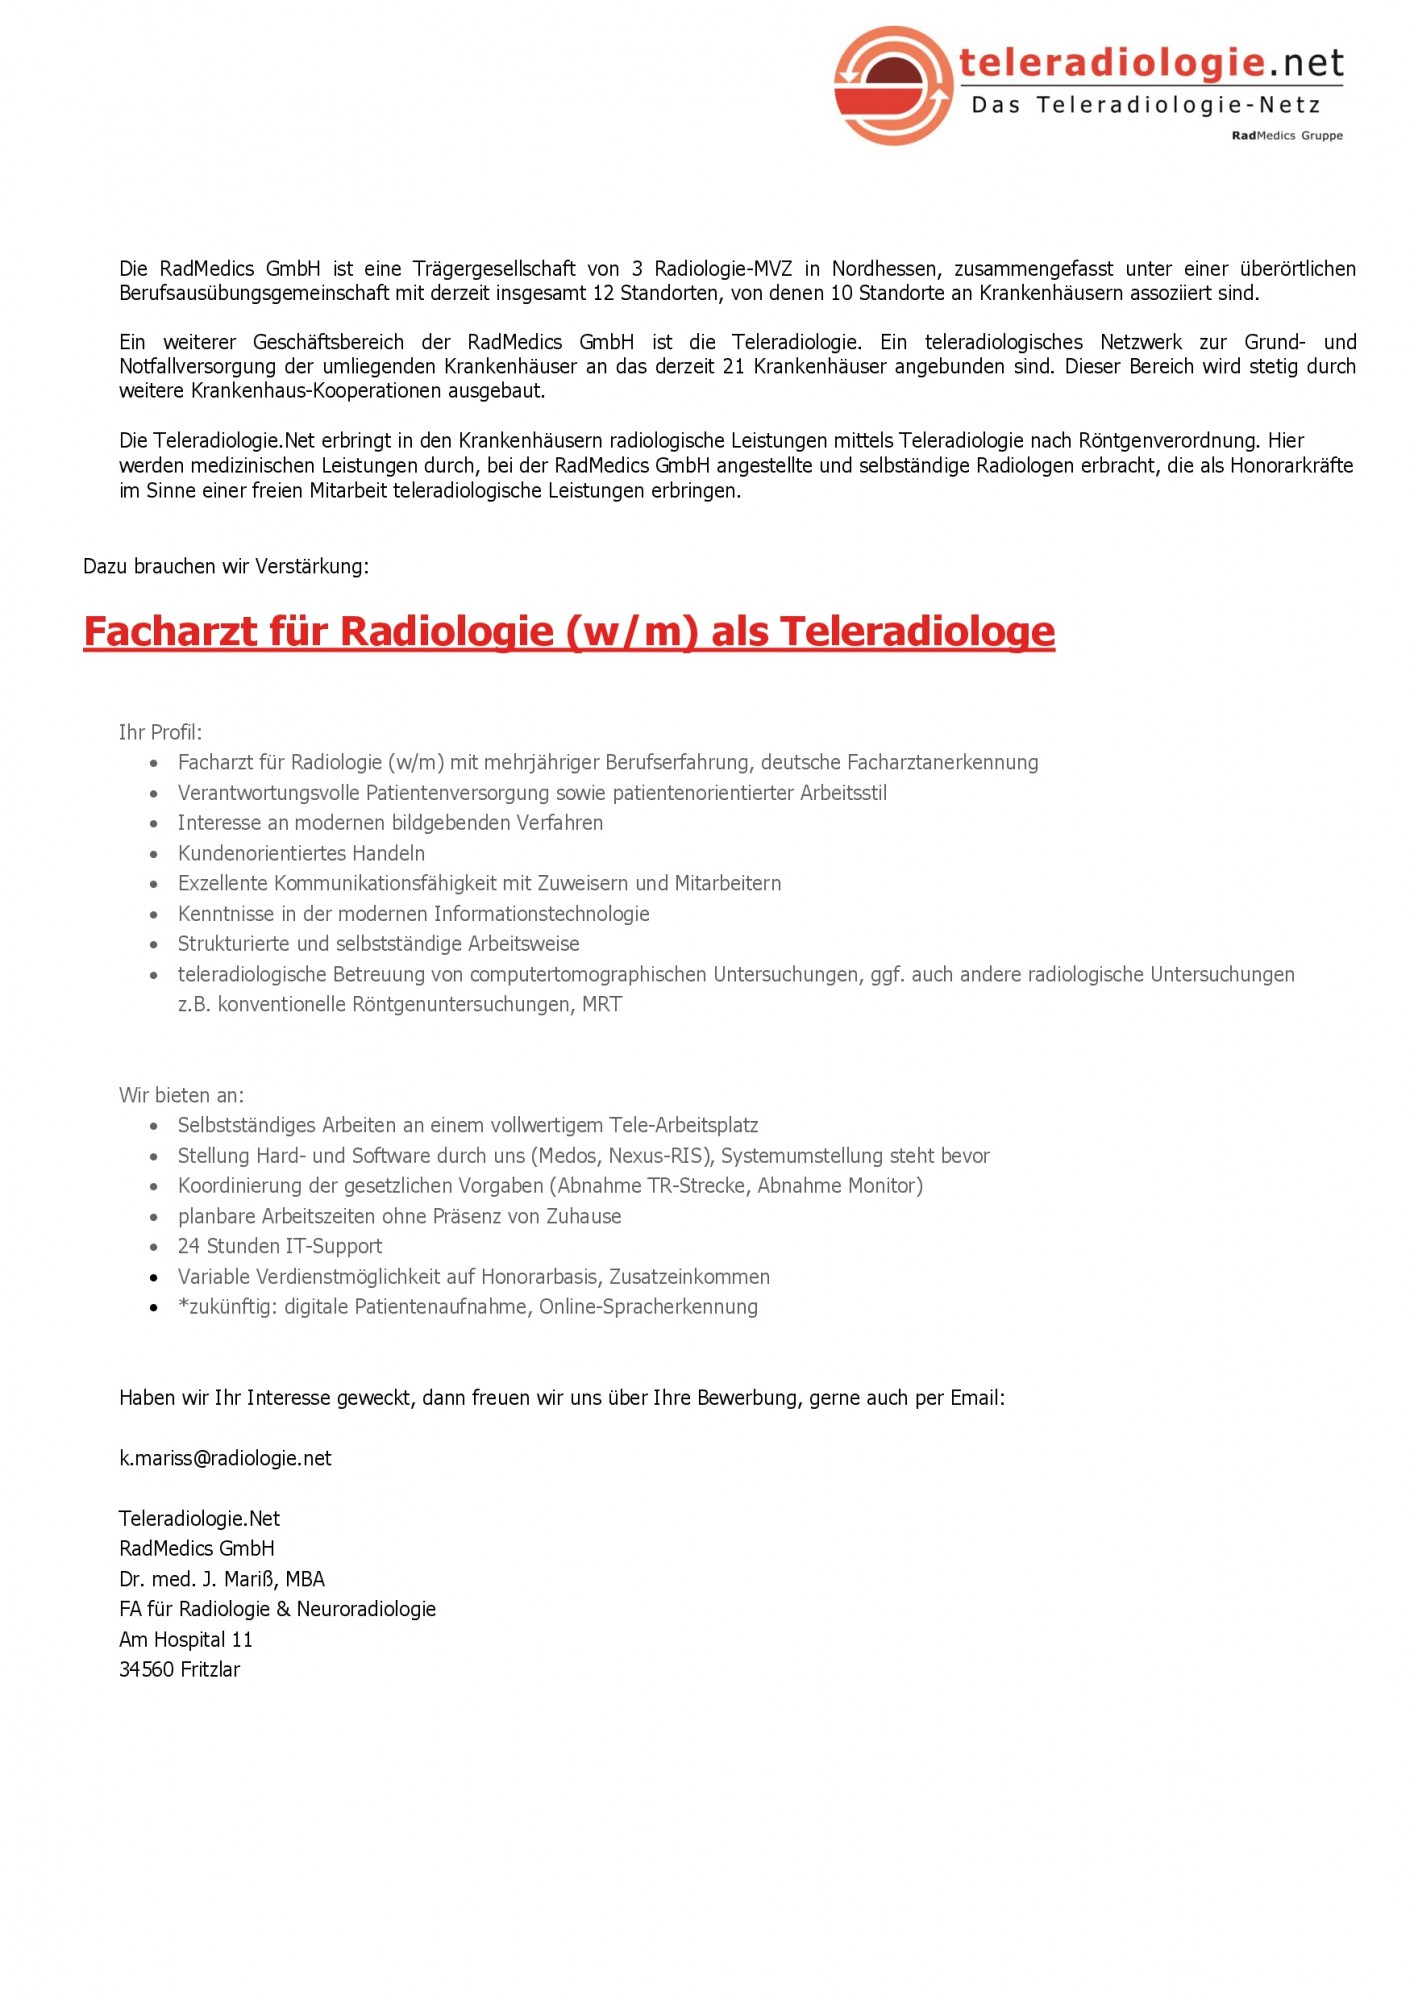 Groß Radiologe Bildungsweg Ideen - Menschliche Anatomie Bilder ...